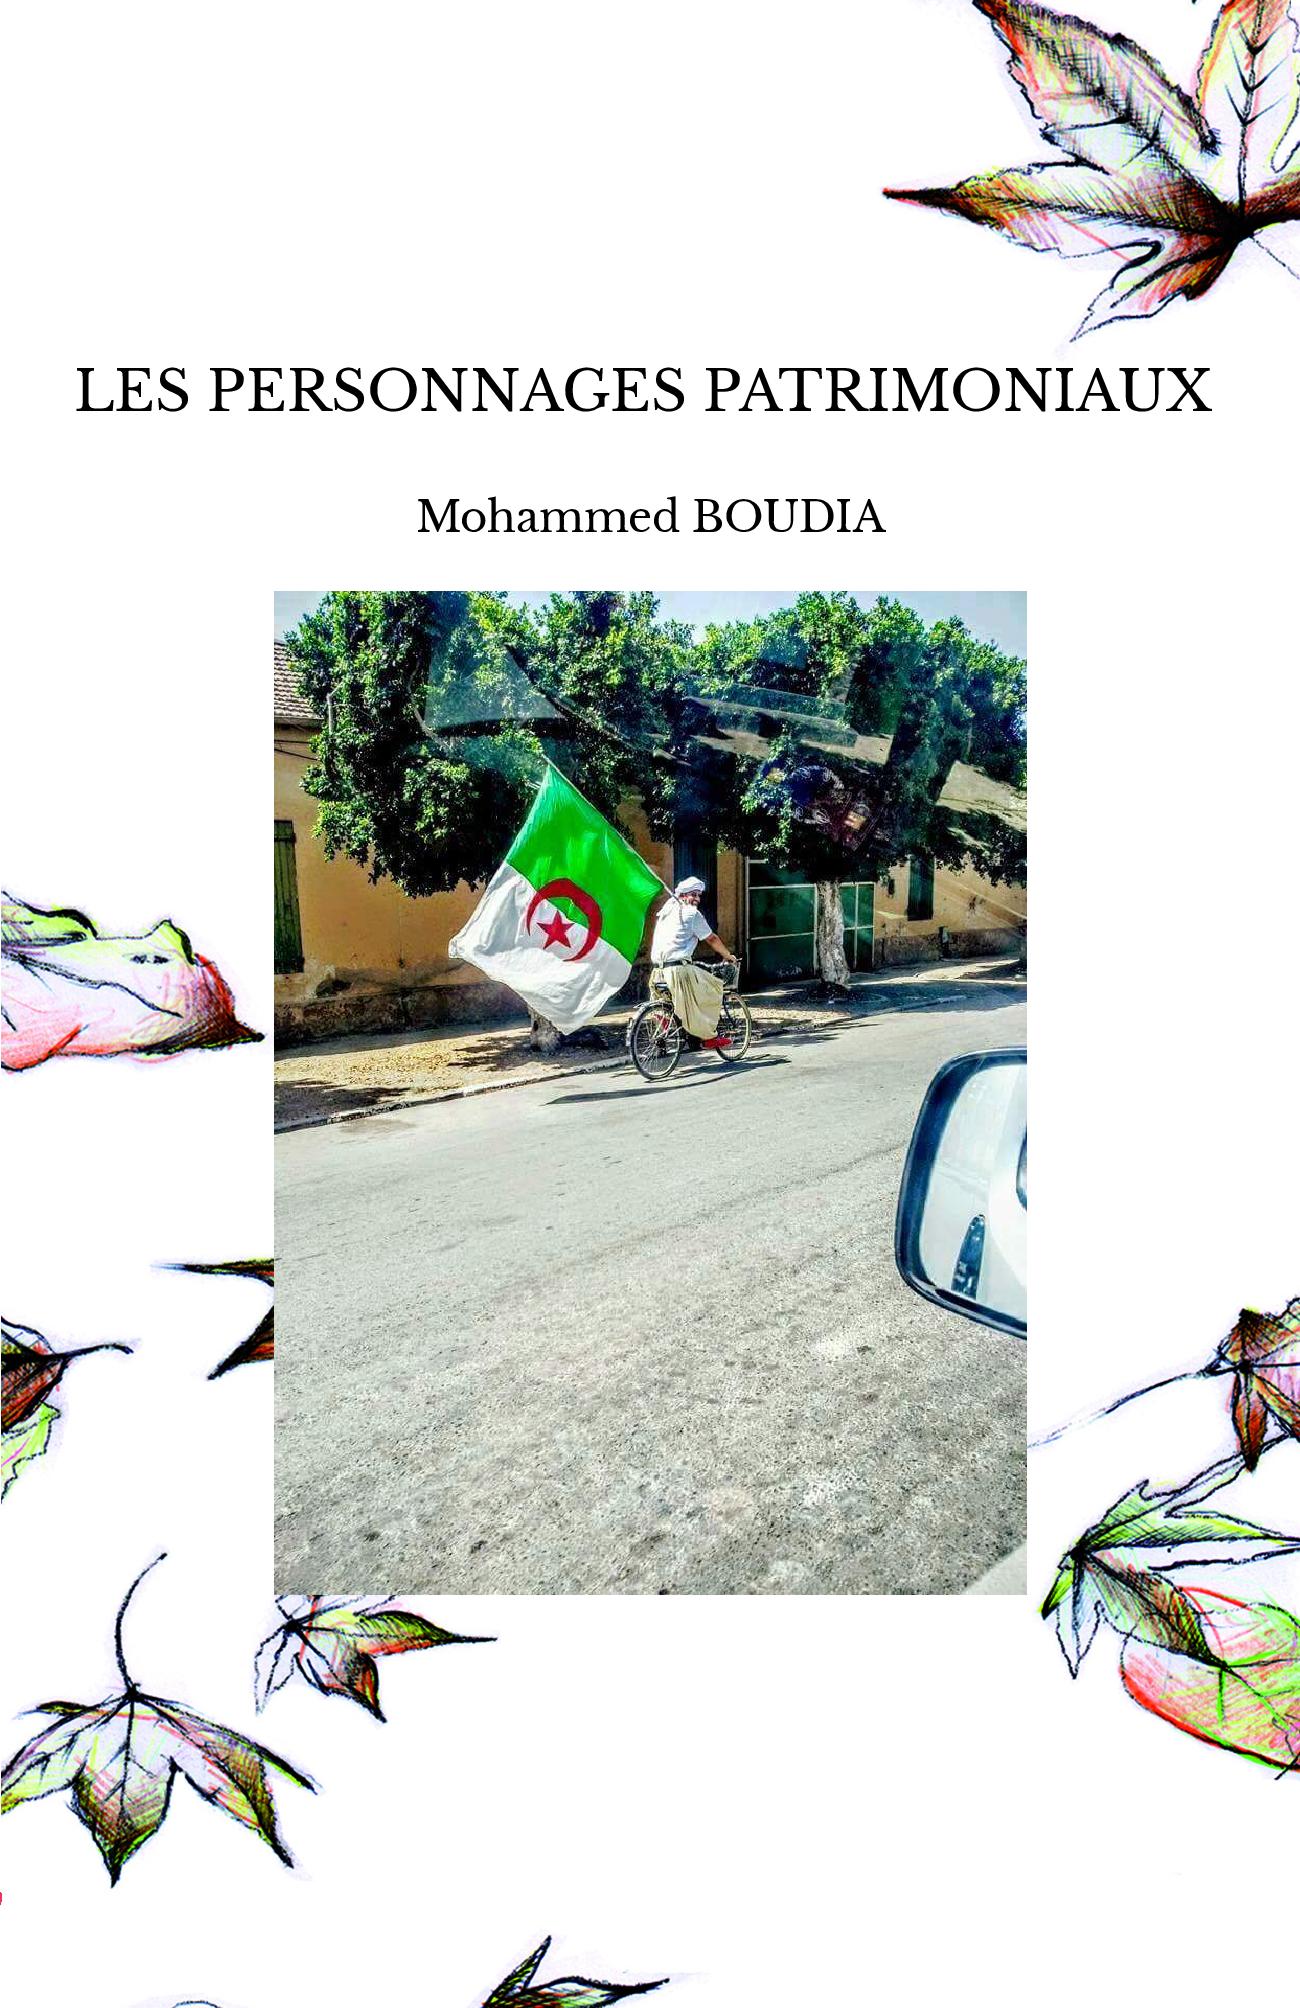 LES PERSONNAGES PATRIMONIAUX